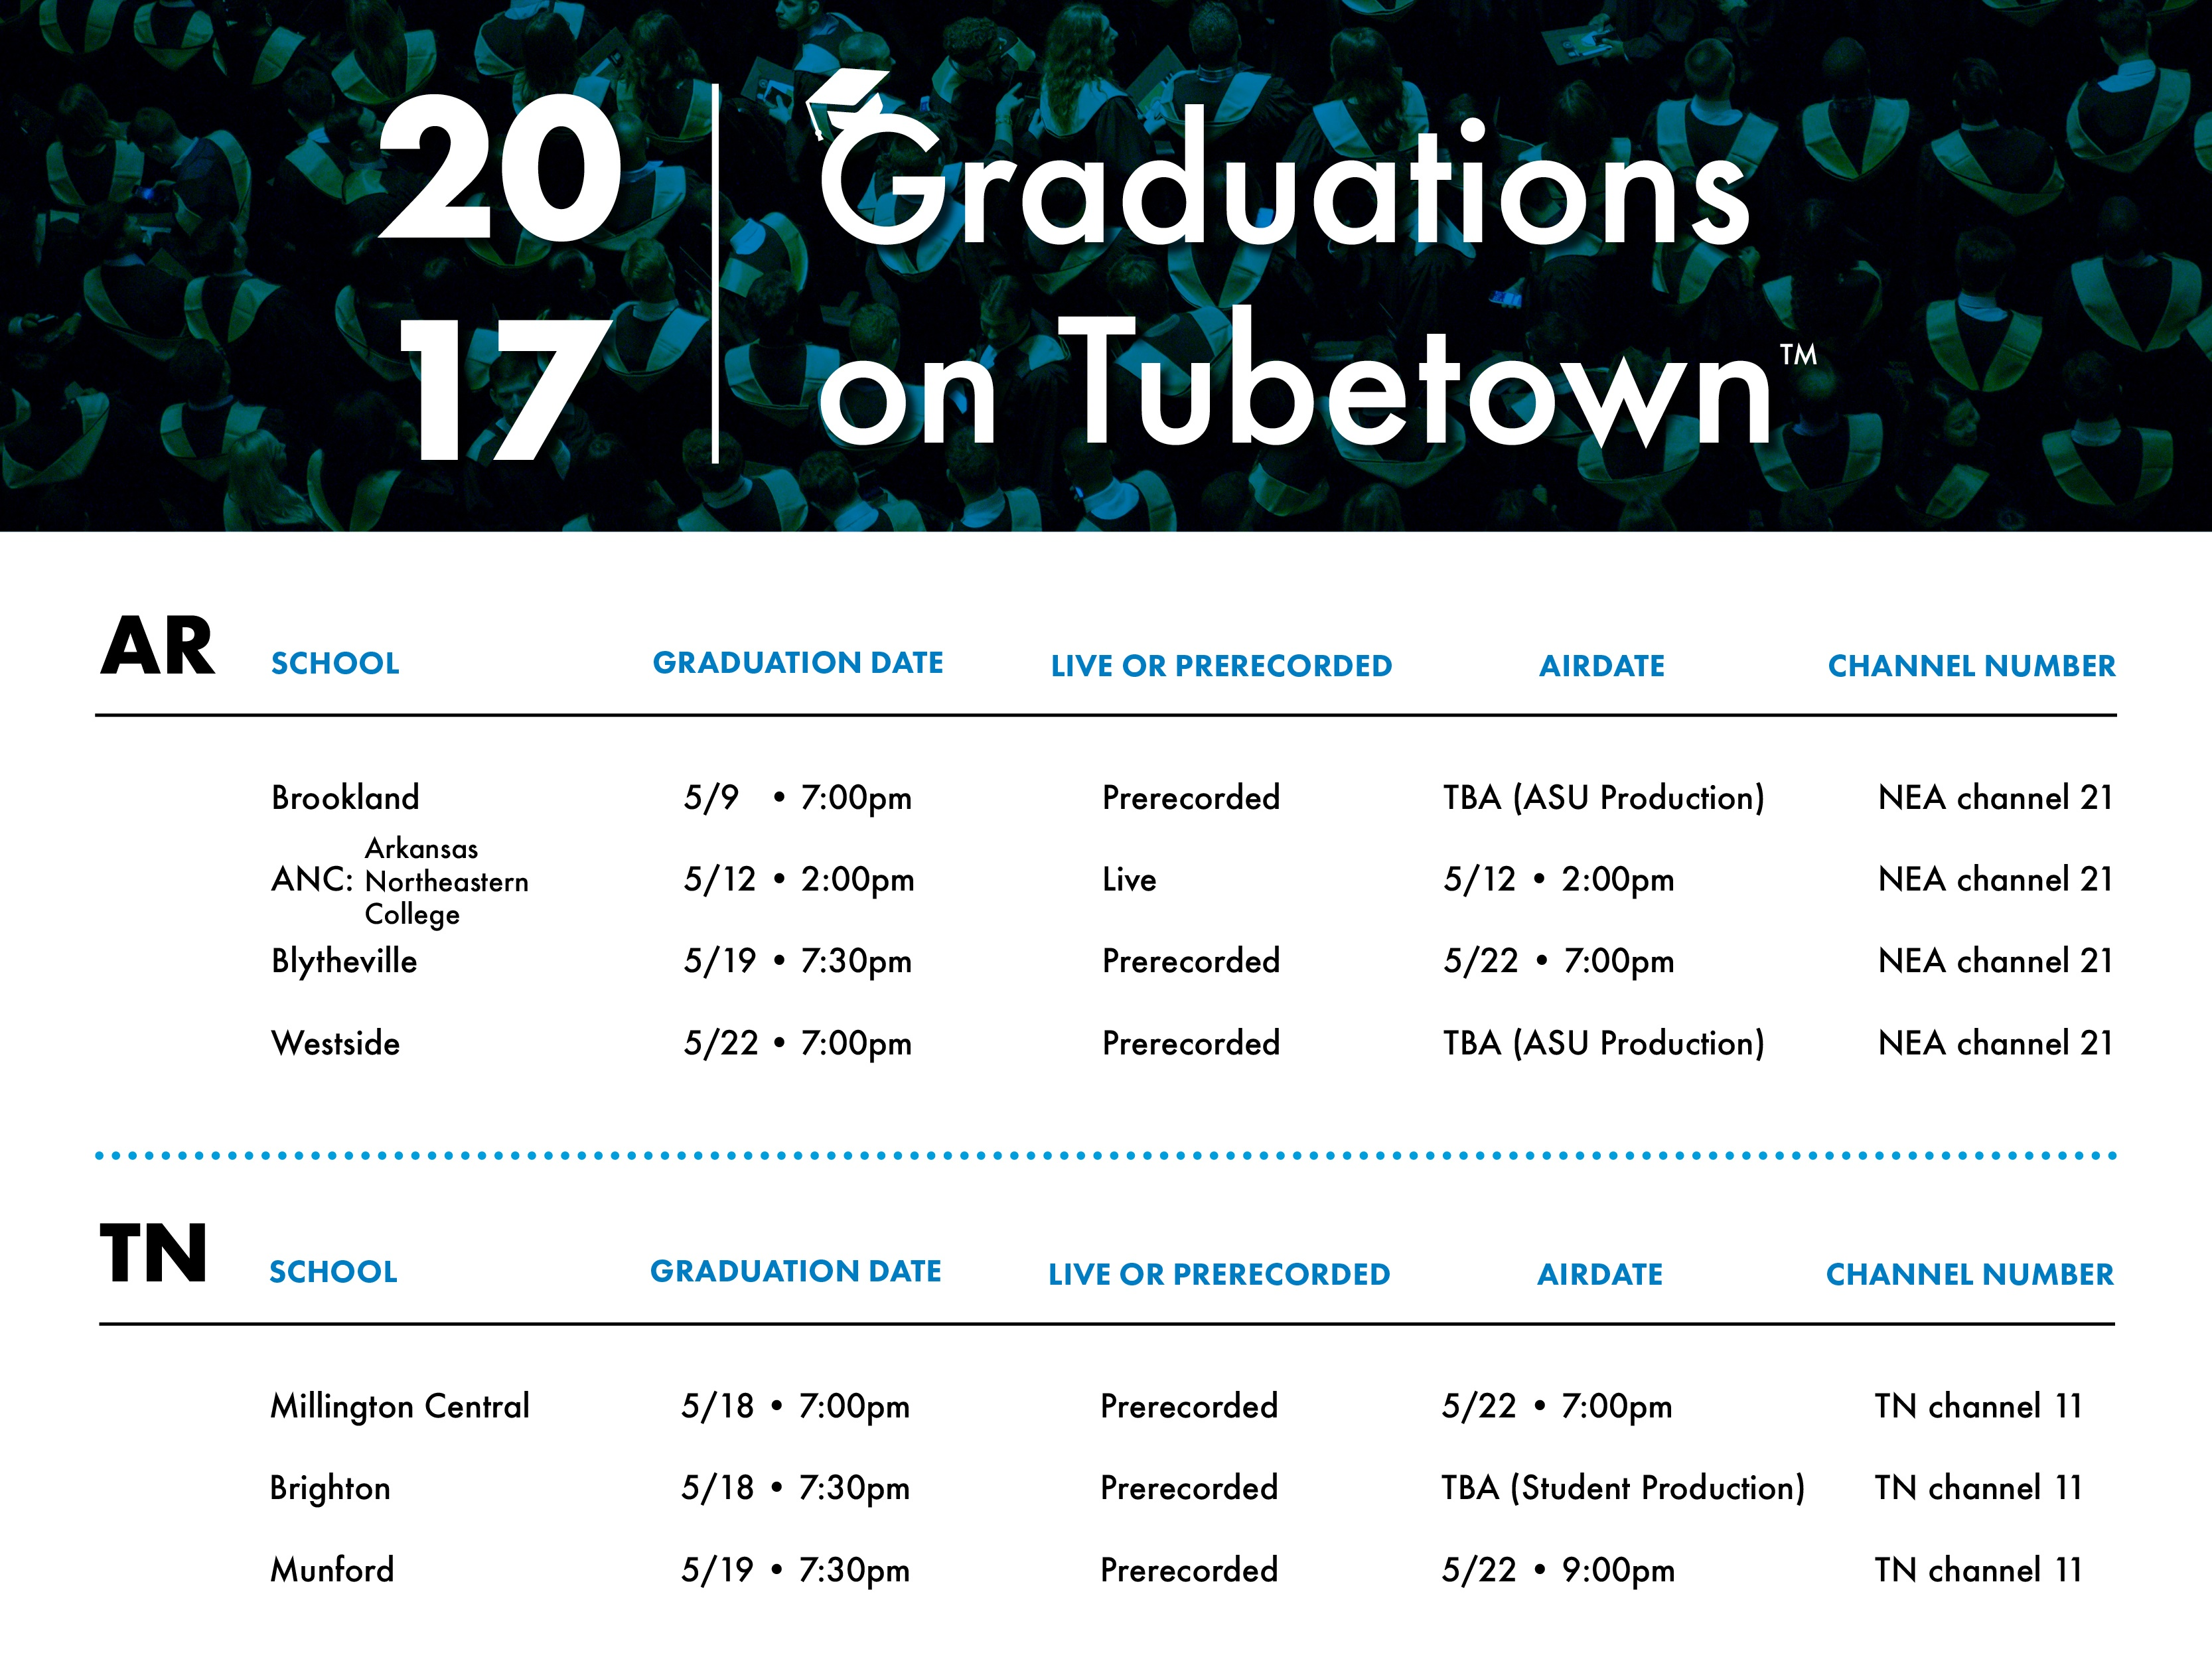 Graduation-socialmedia-AR-TN-300dpi-1.jpg